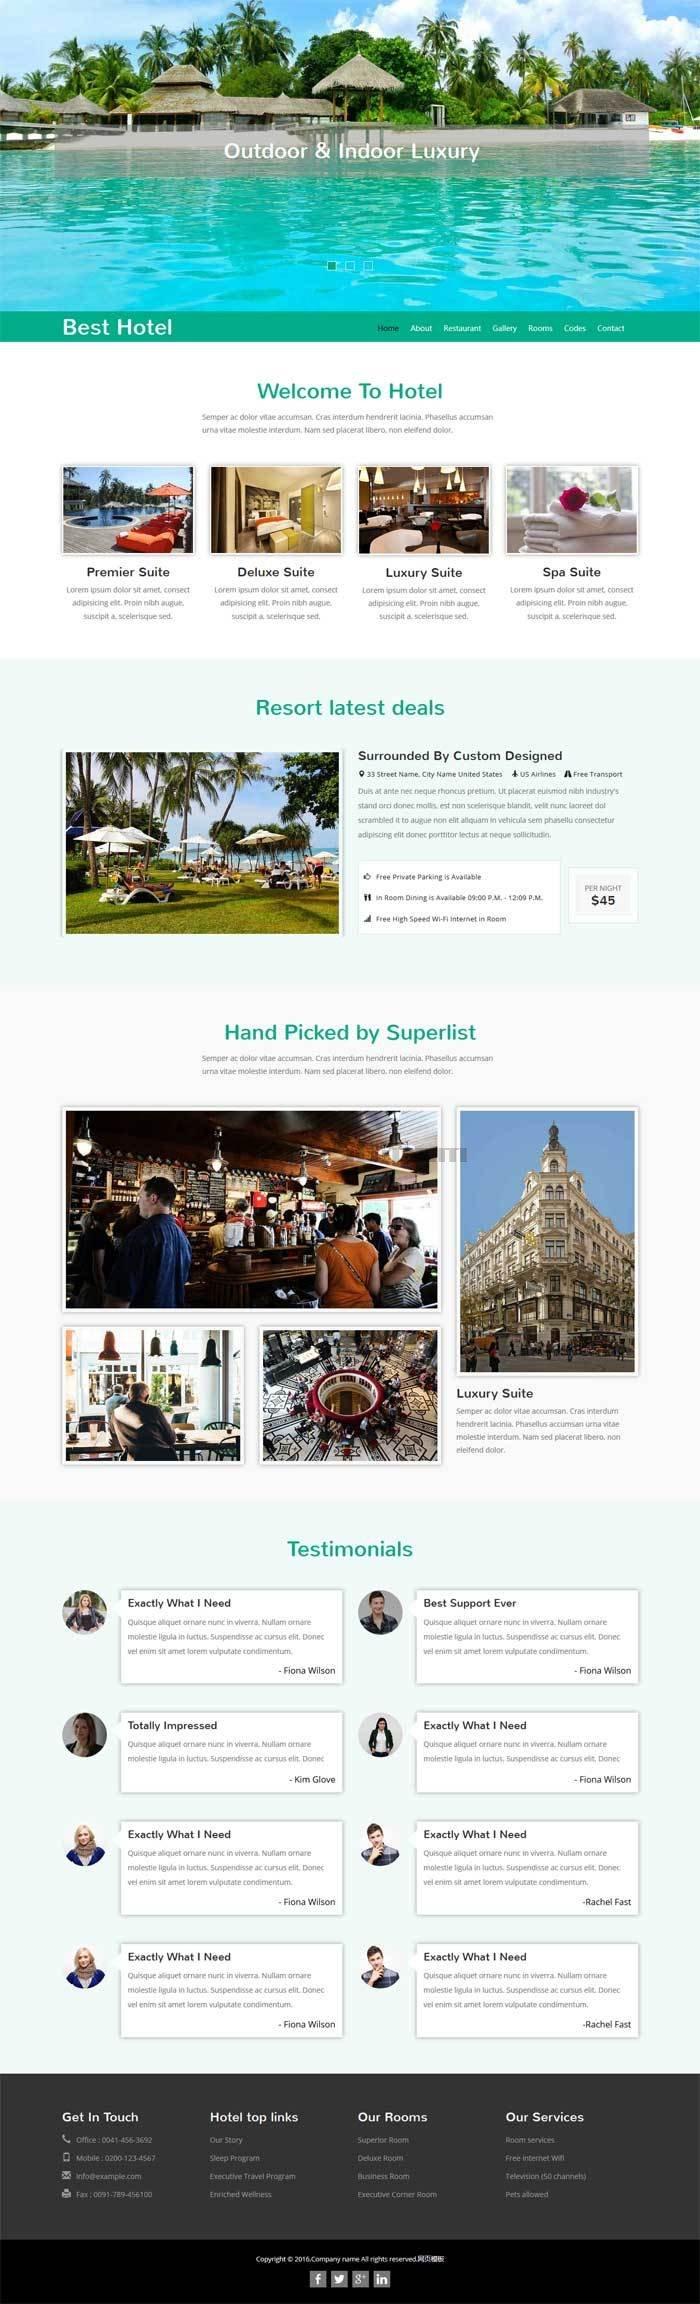 绿色大气的旅游度假酒店网站模板html整站